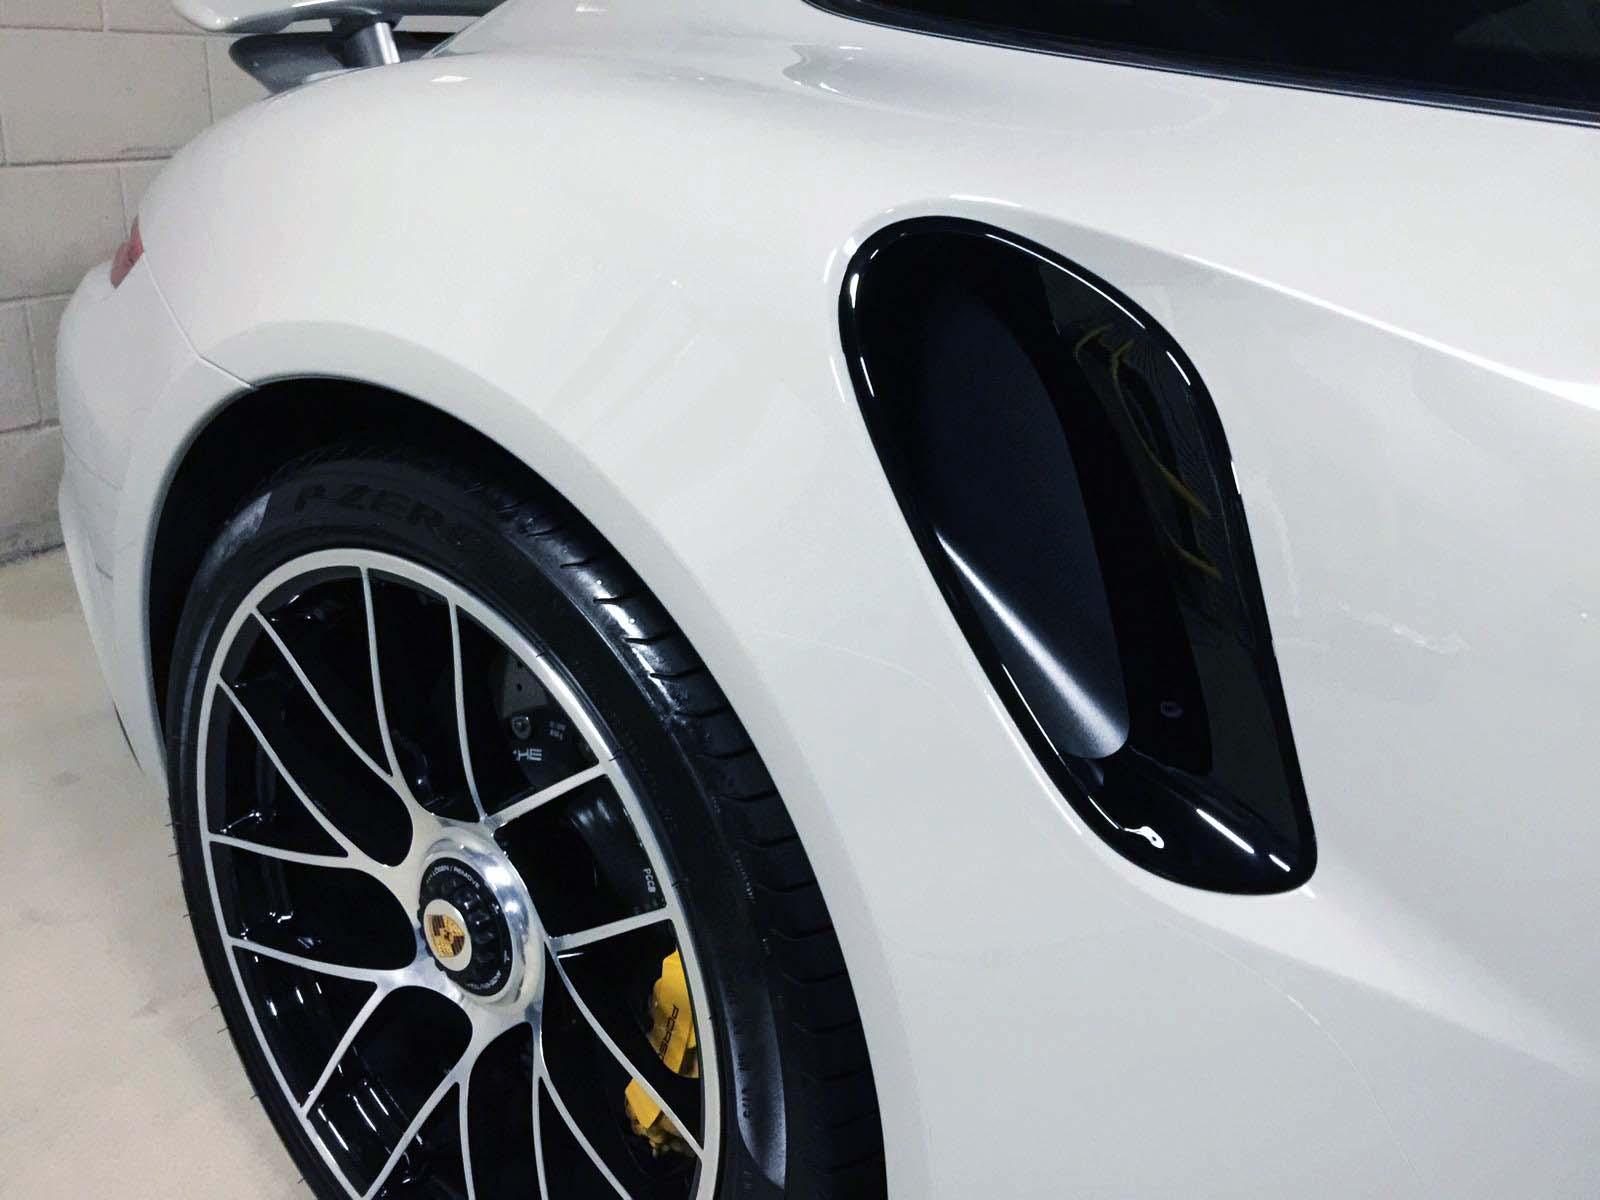 Wheel alt.jpg